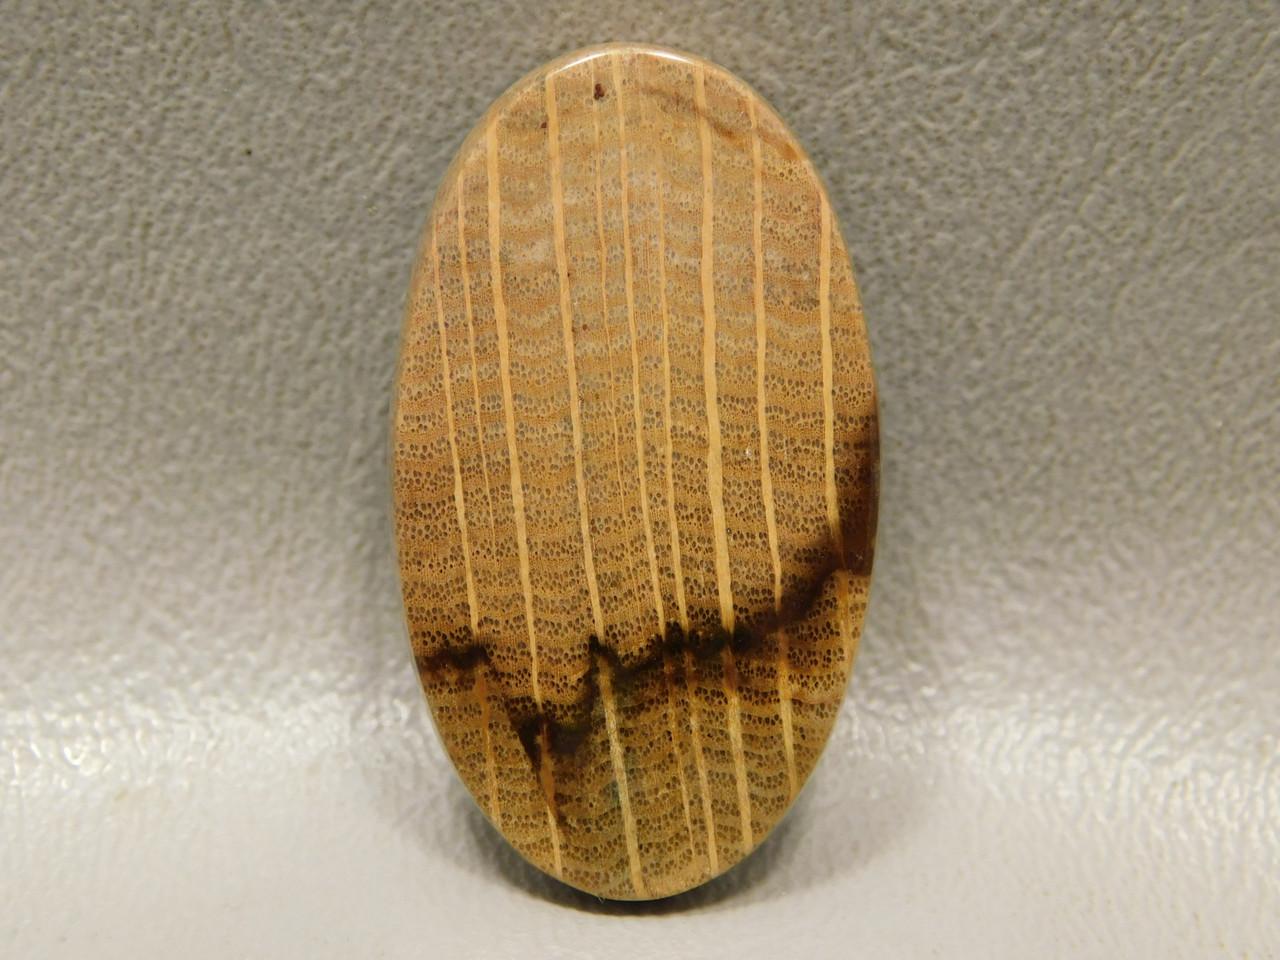 Petrified Wood Cabochon Oval Stone Jewelry Making Supplies #22